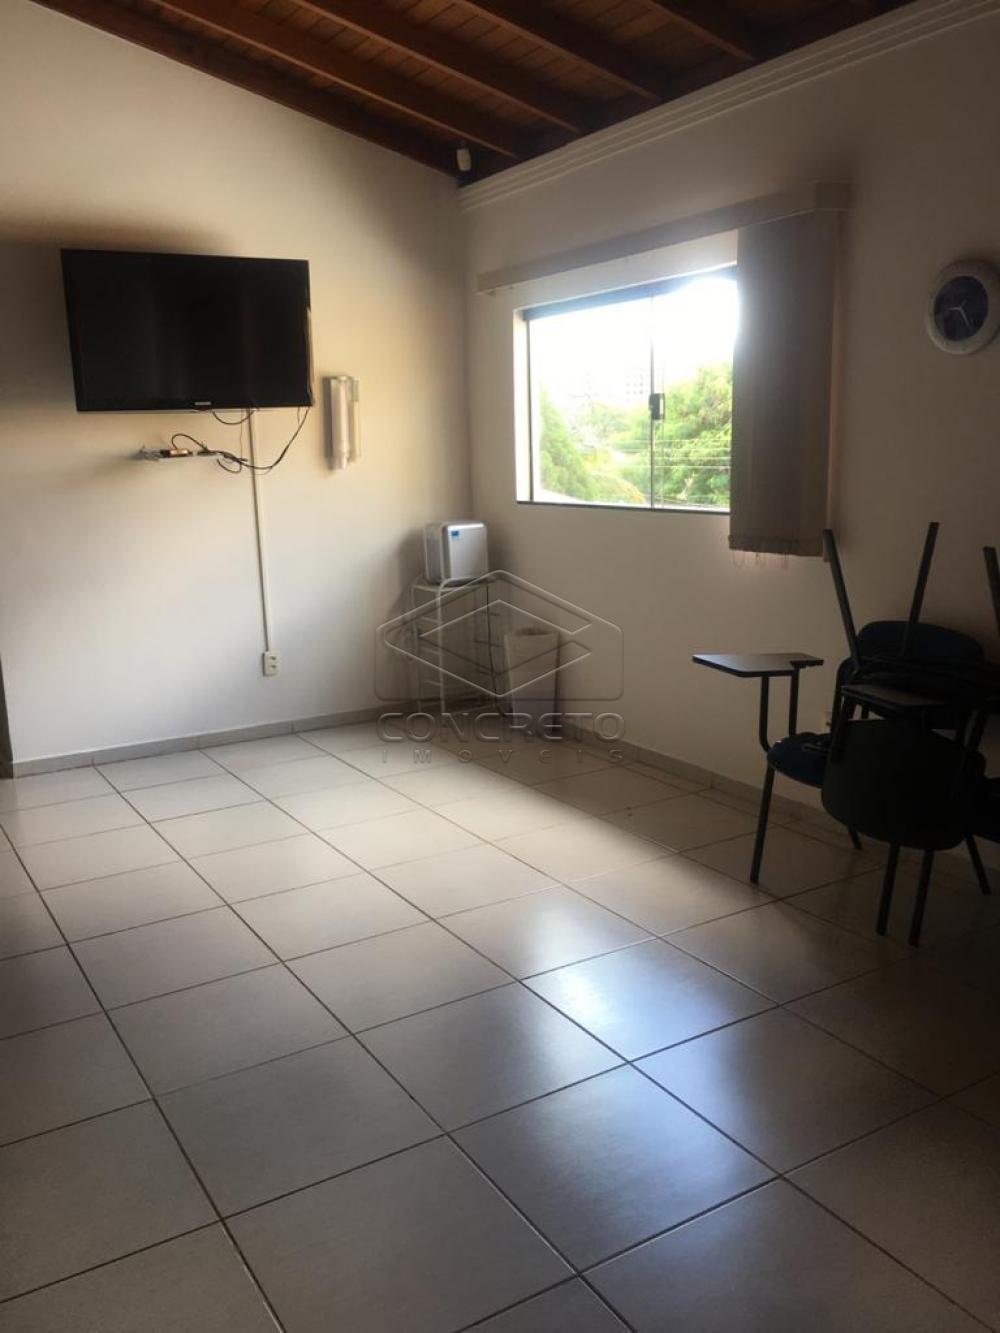 Alugar Casa / Comercial em Bauru apenas R$ 4.500,00 - Foto 9